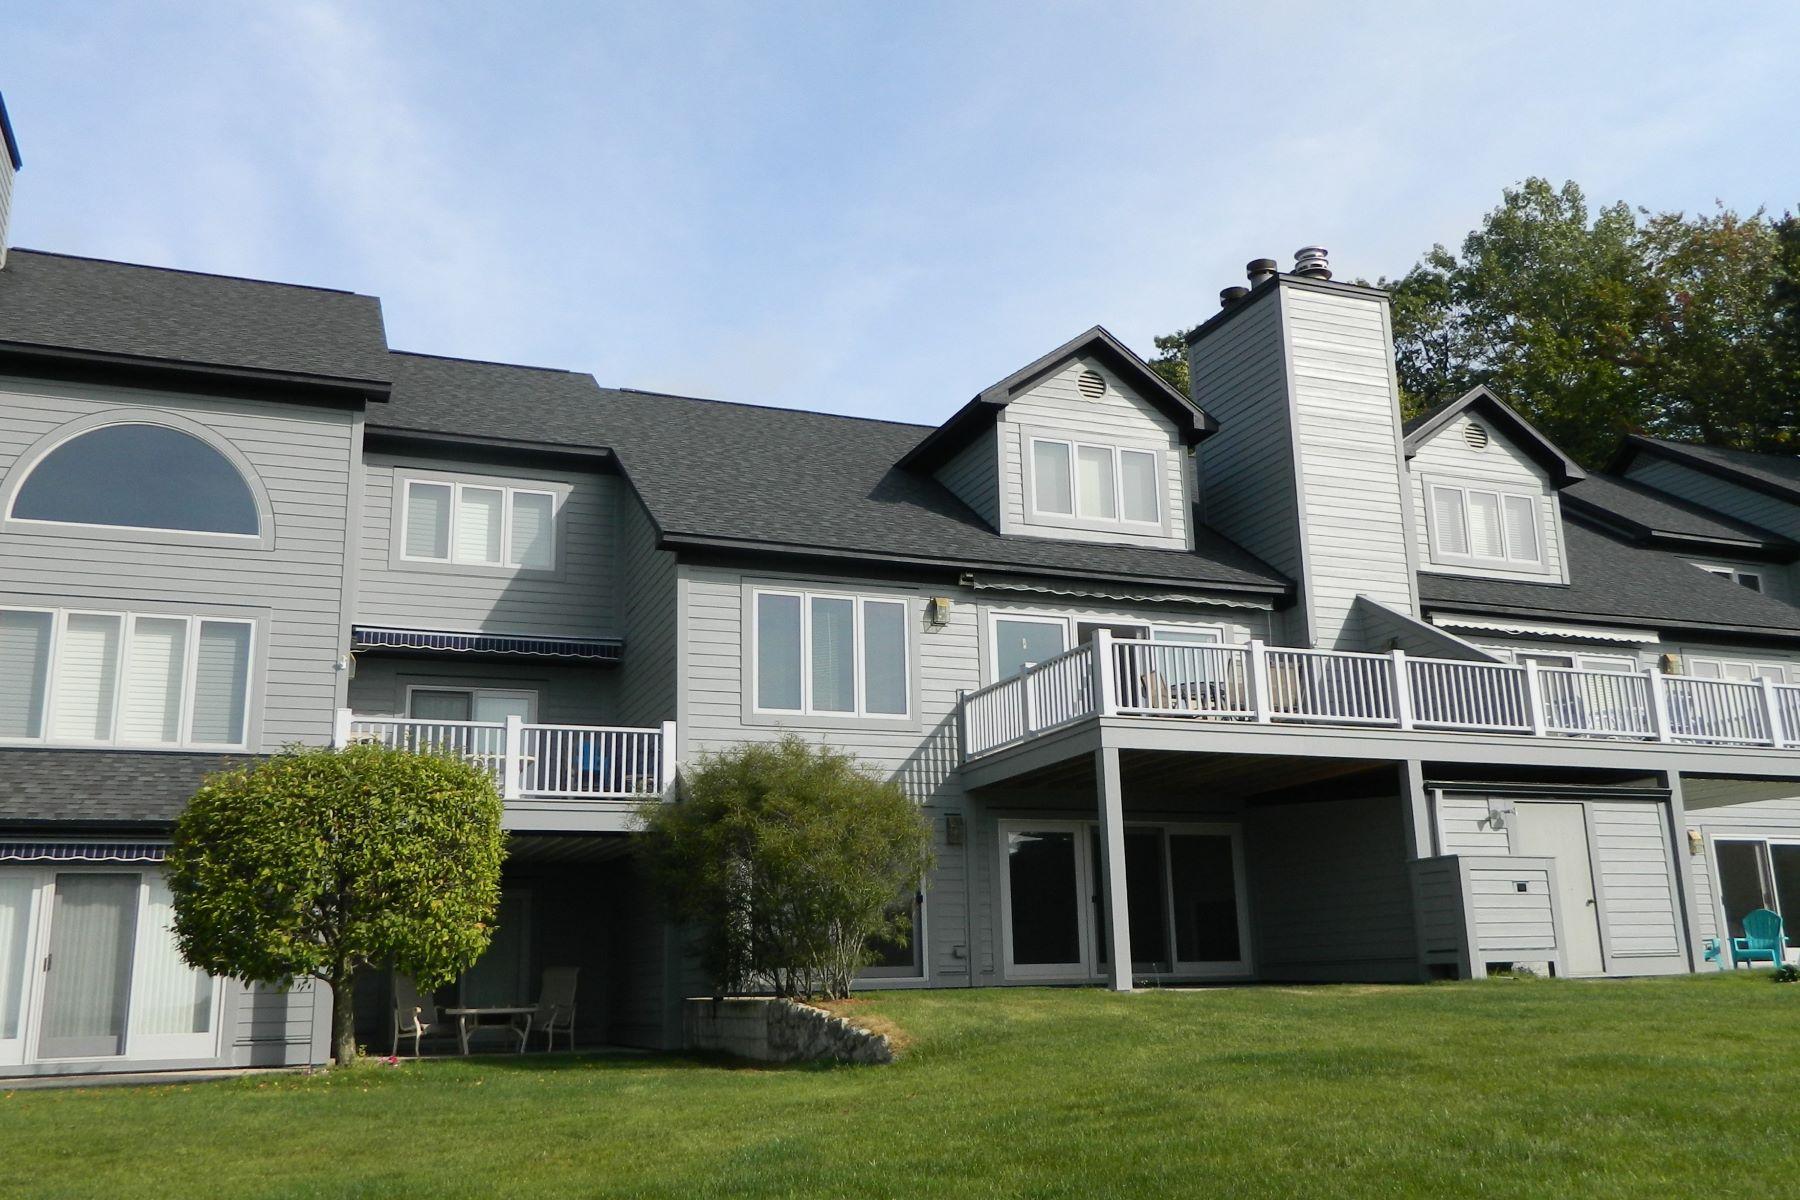 共管式独立产权公寓 为 销售 在 5467 Windigo 哈伯斯普林斯, 密歇根州, 49740 美国